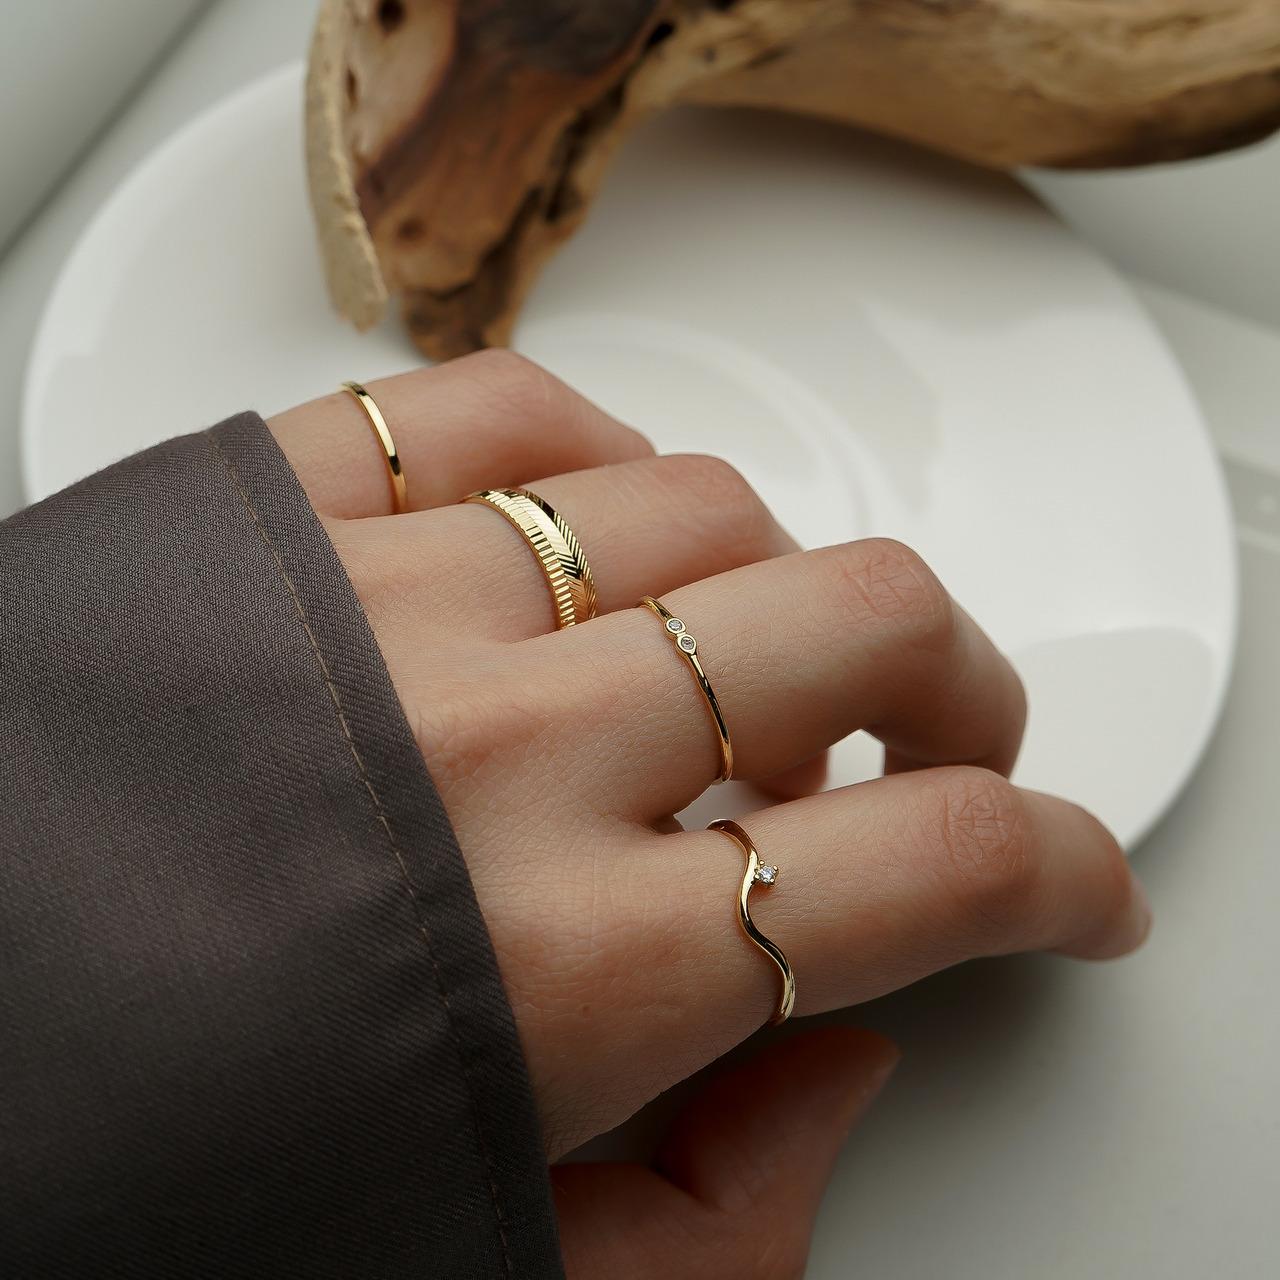 Nhẫn nữ mảnh đơn giản theo bộ